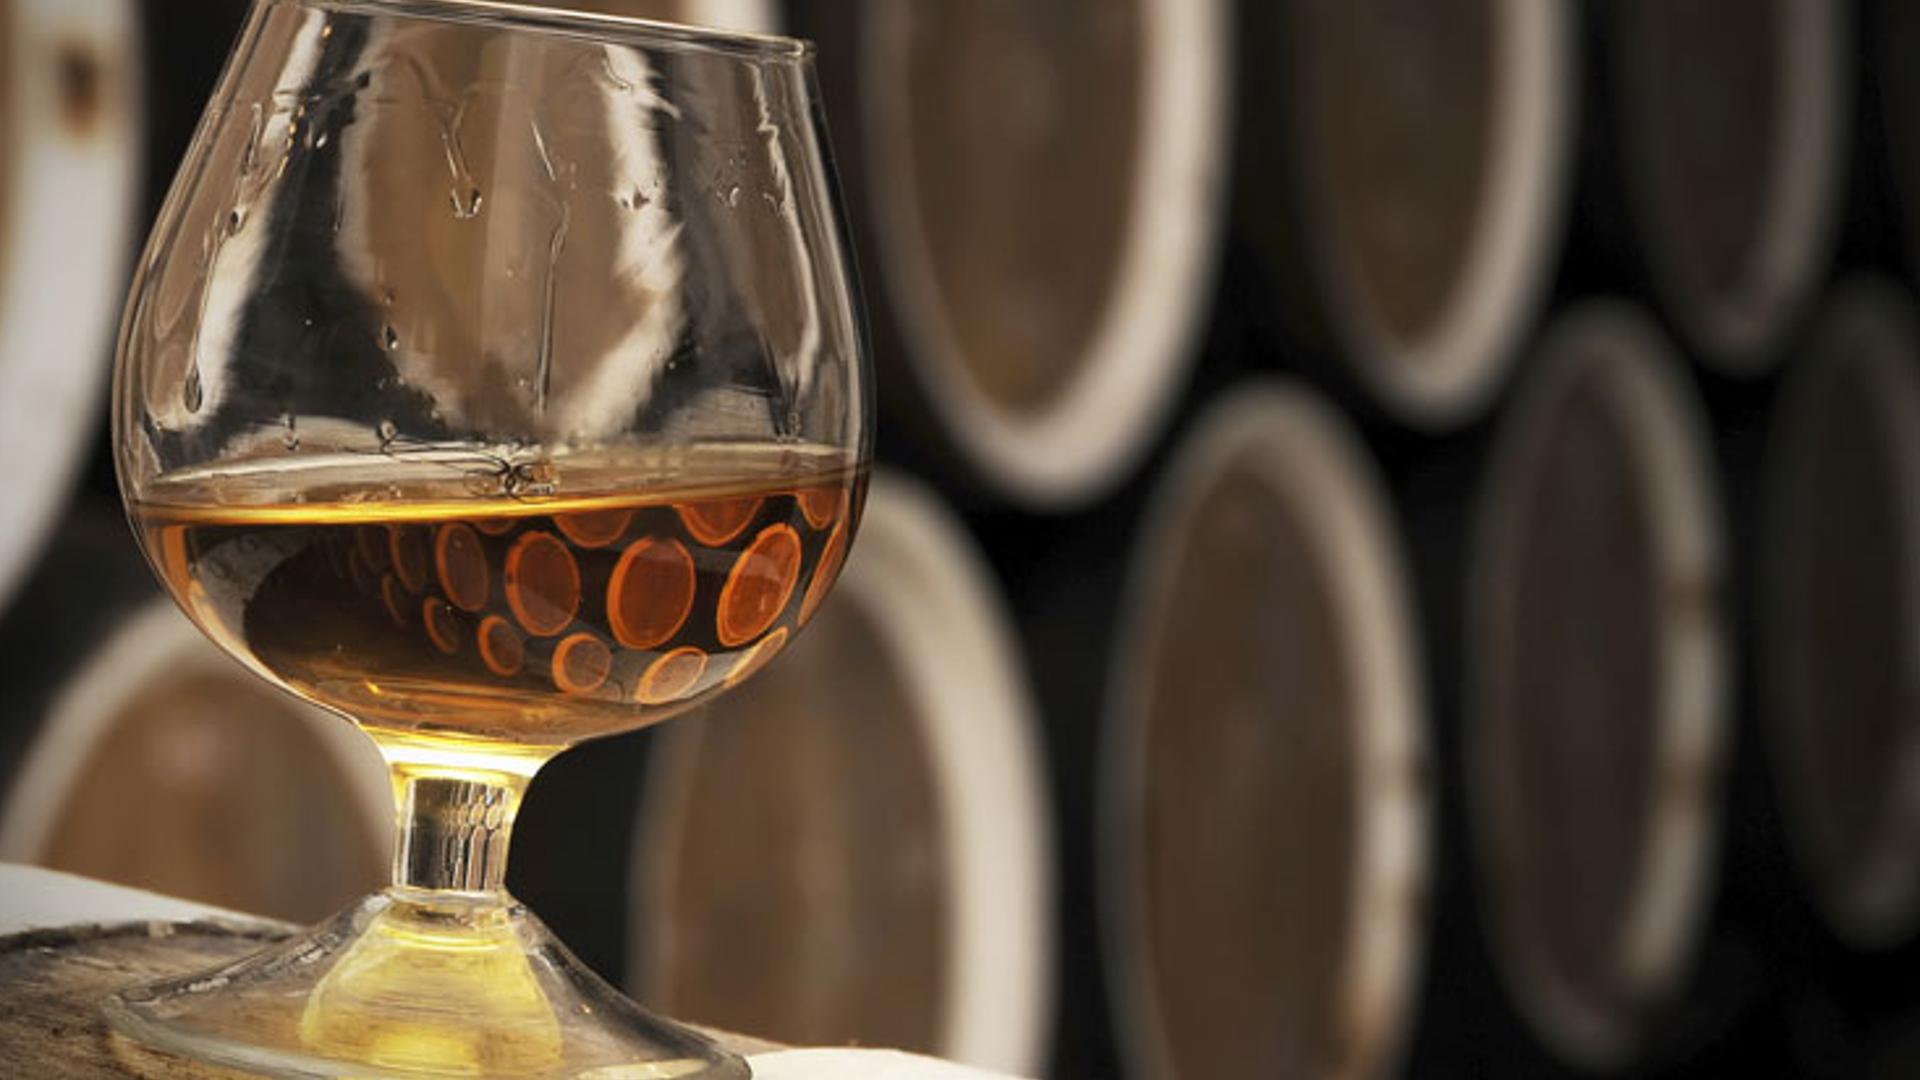 Cliquez ici pour en savoir plus sur Le palais du whisky